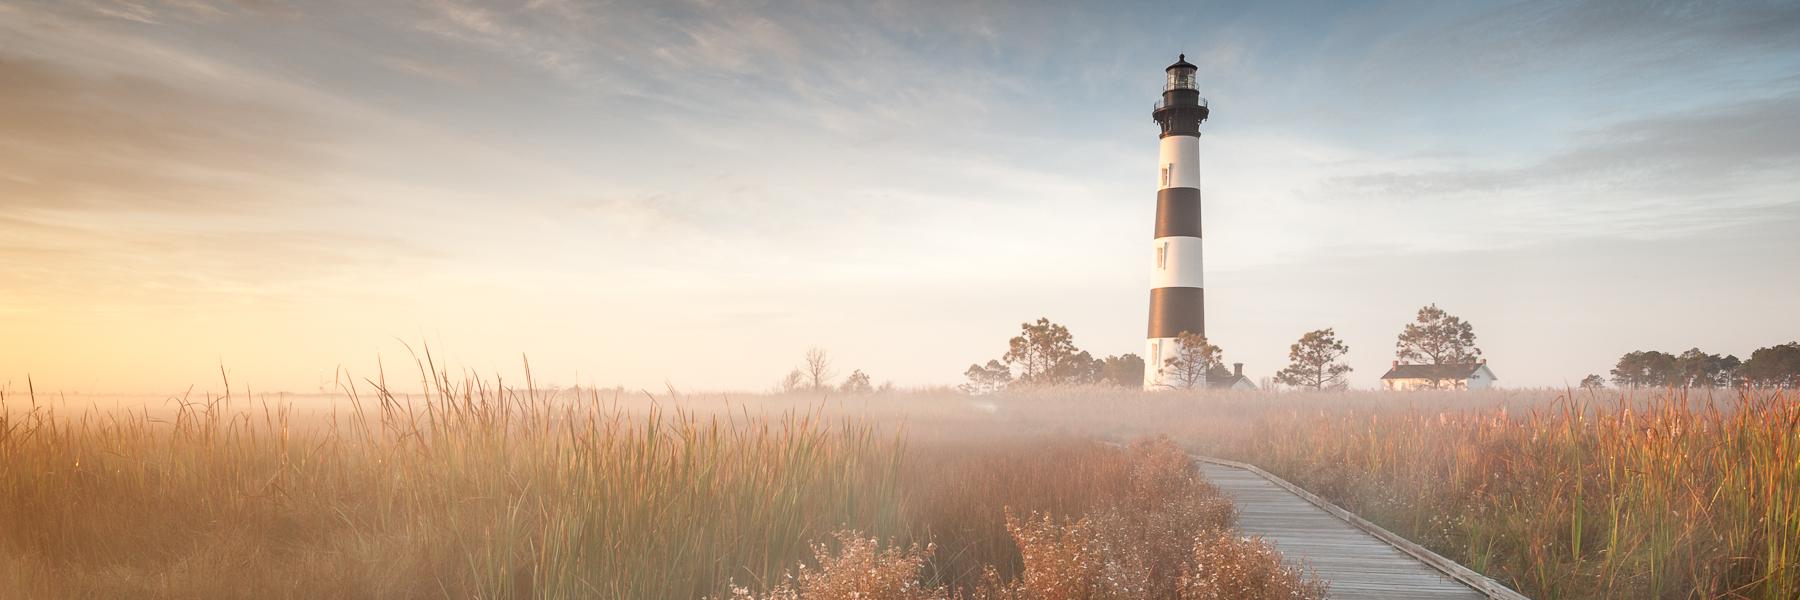 Autumn Fog Bodie by Mark VanDyke